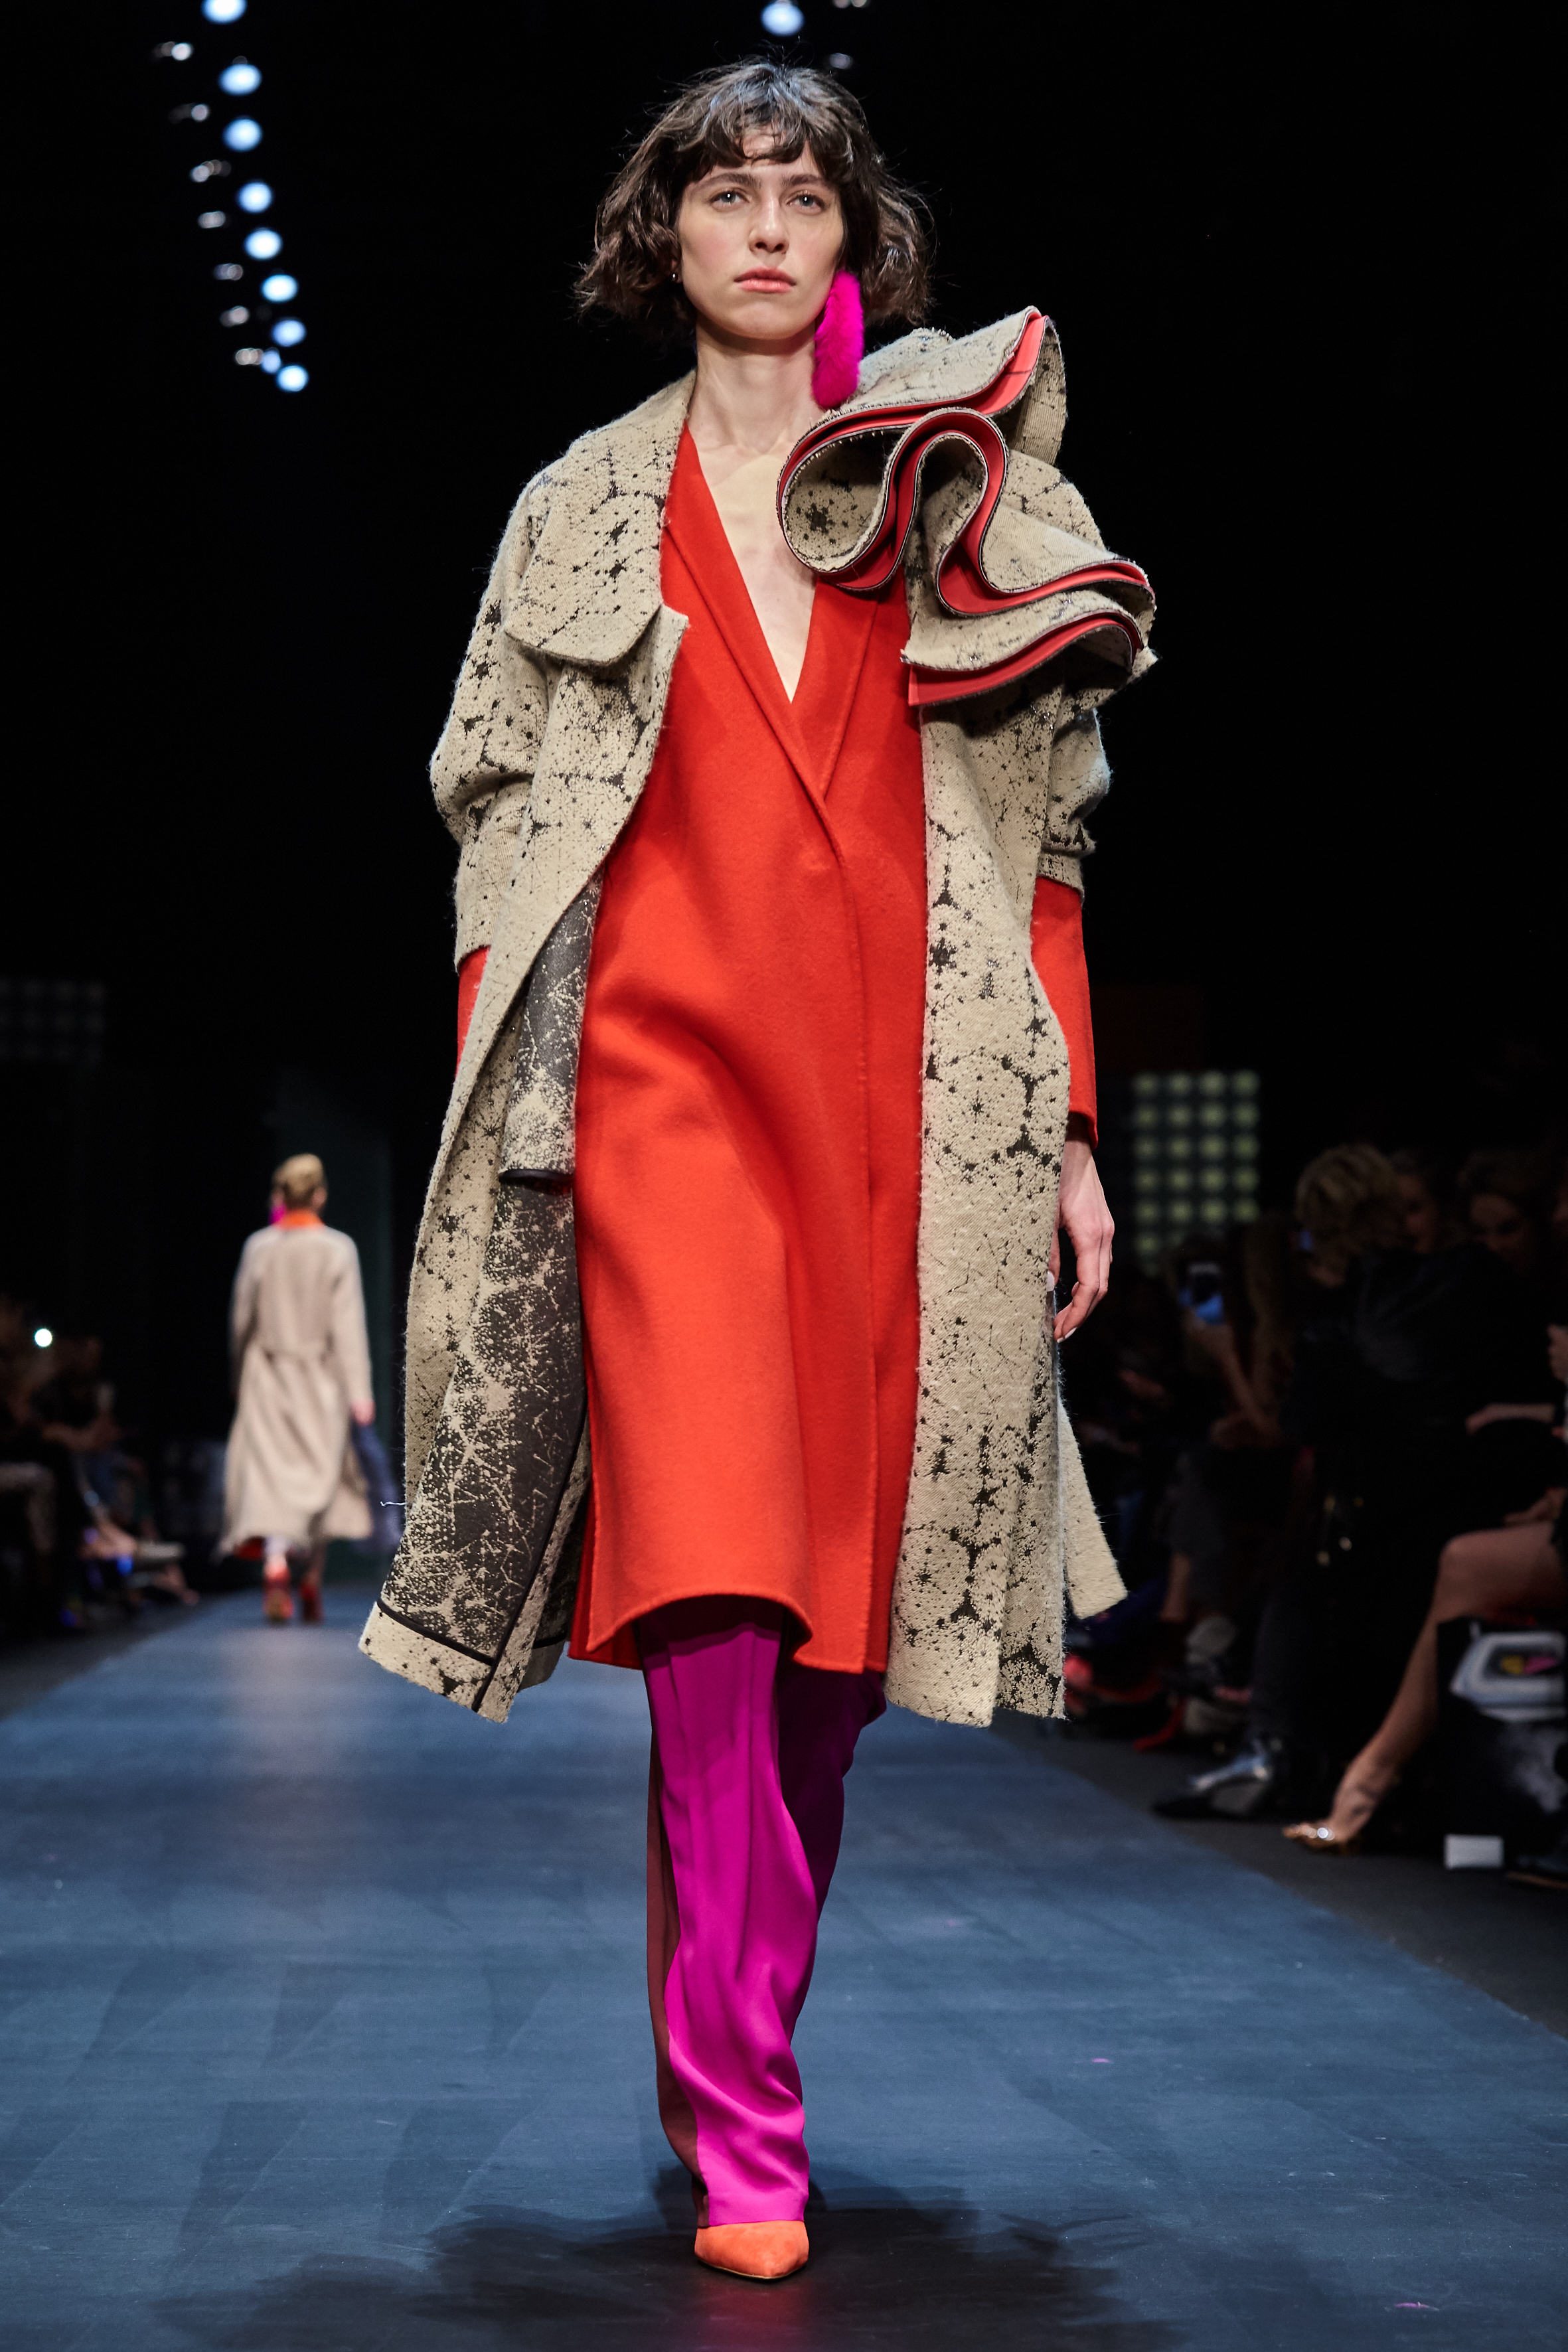 Looks_DawidTomaszewski_FashionWeekAW2018-19_HeidiRondak 45.jpg